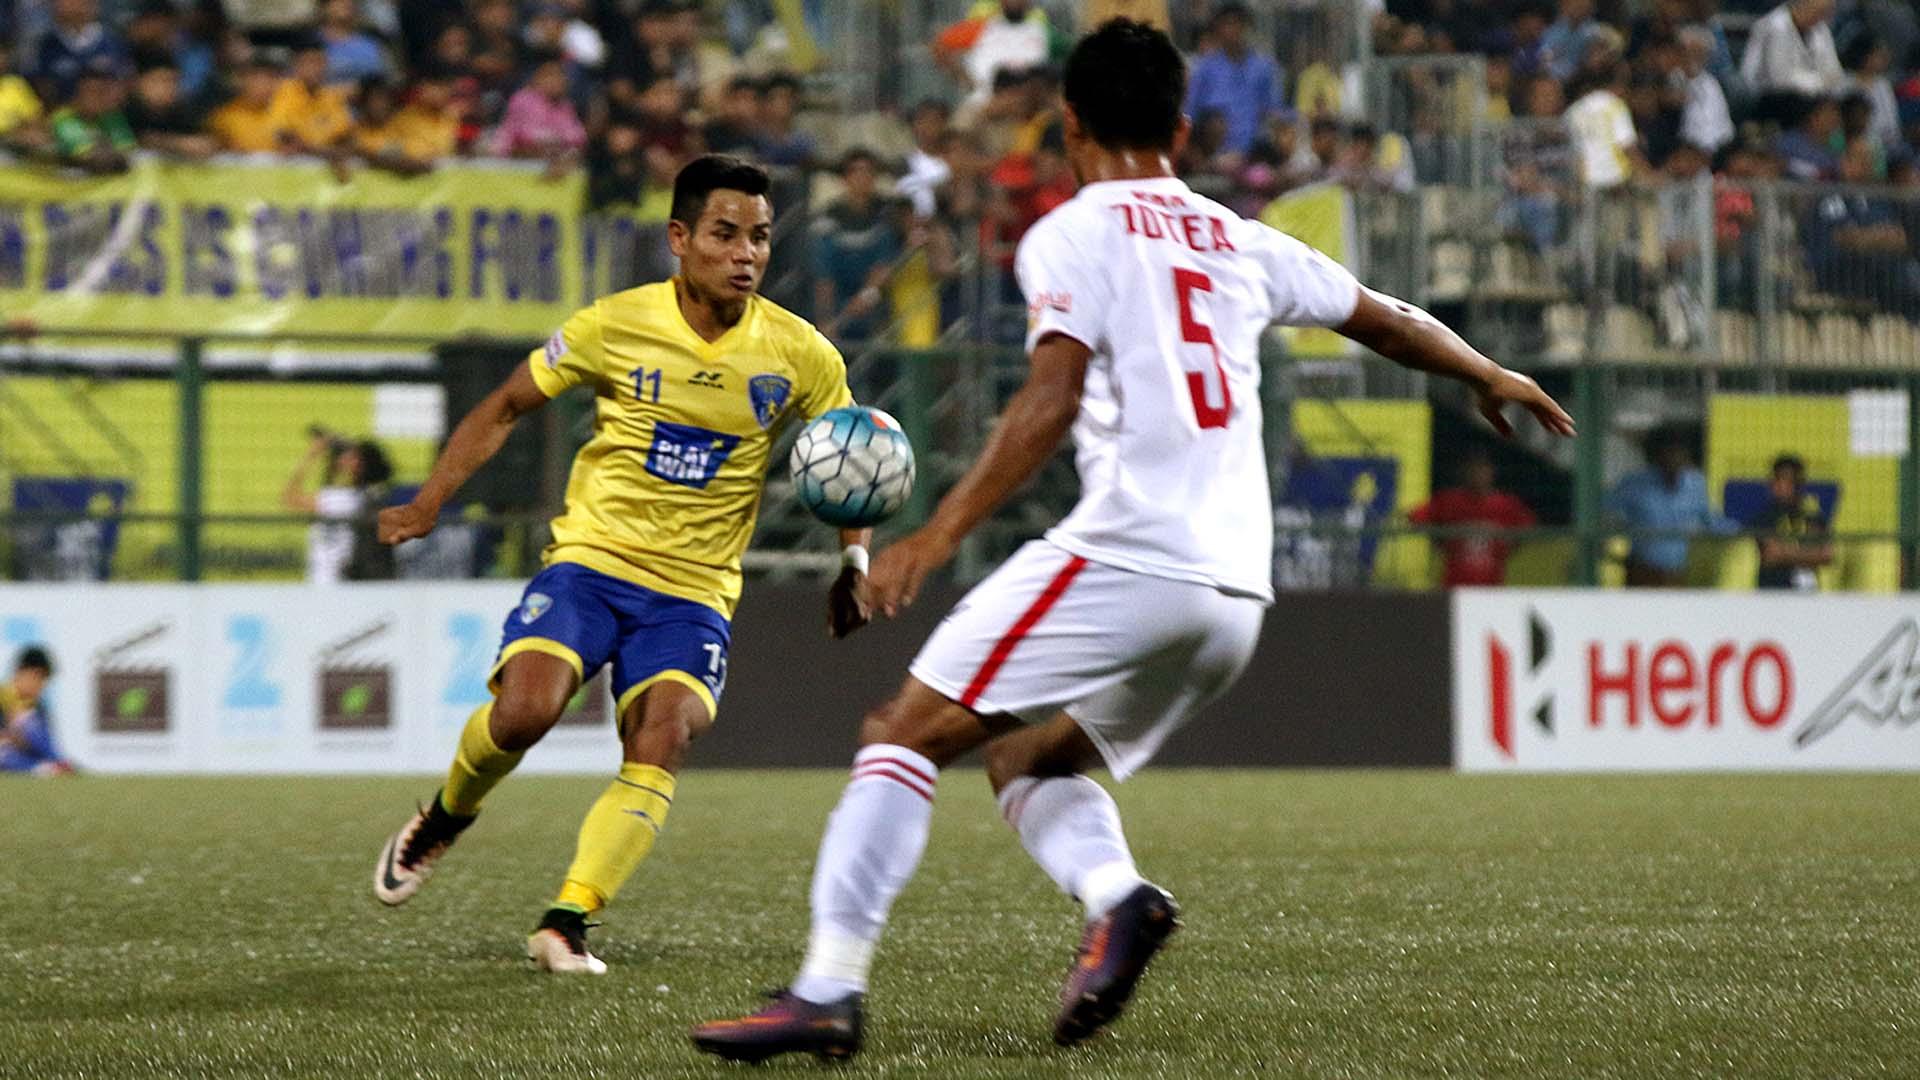 Thoi Singh Mumbai FC Aizawl FC I-League 2017